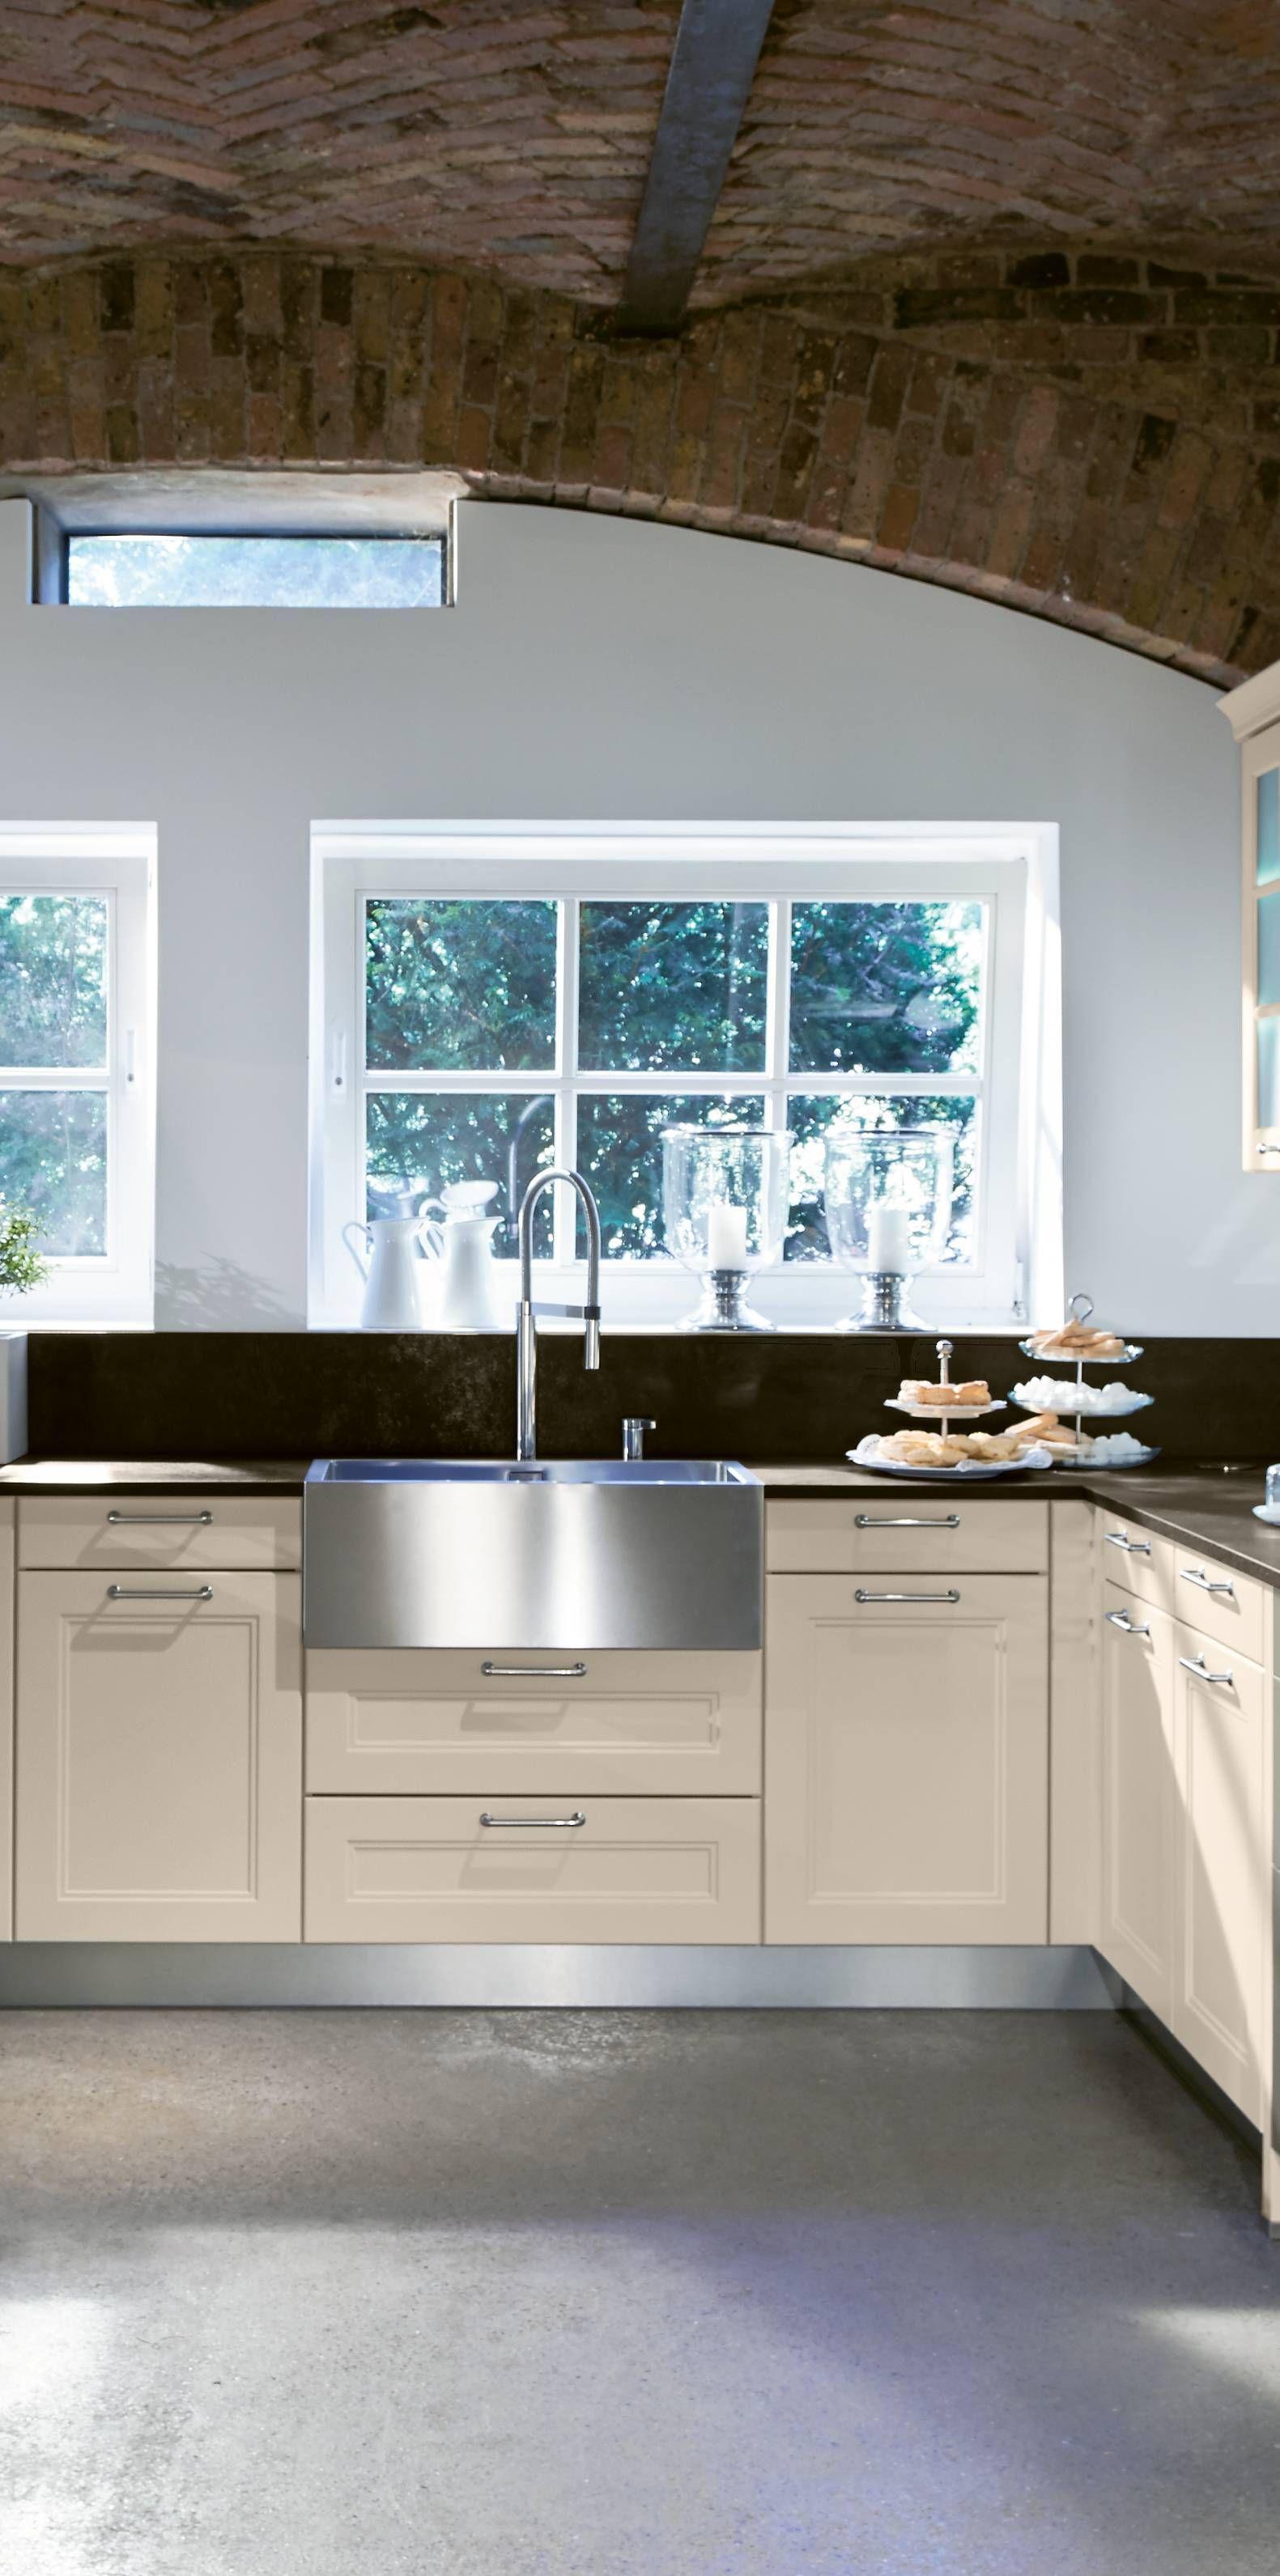 Schöne elegante angehaucht moderne Landhausküche in